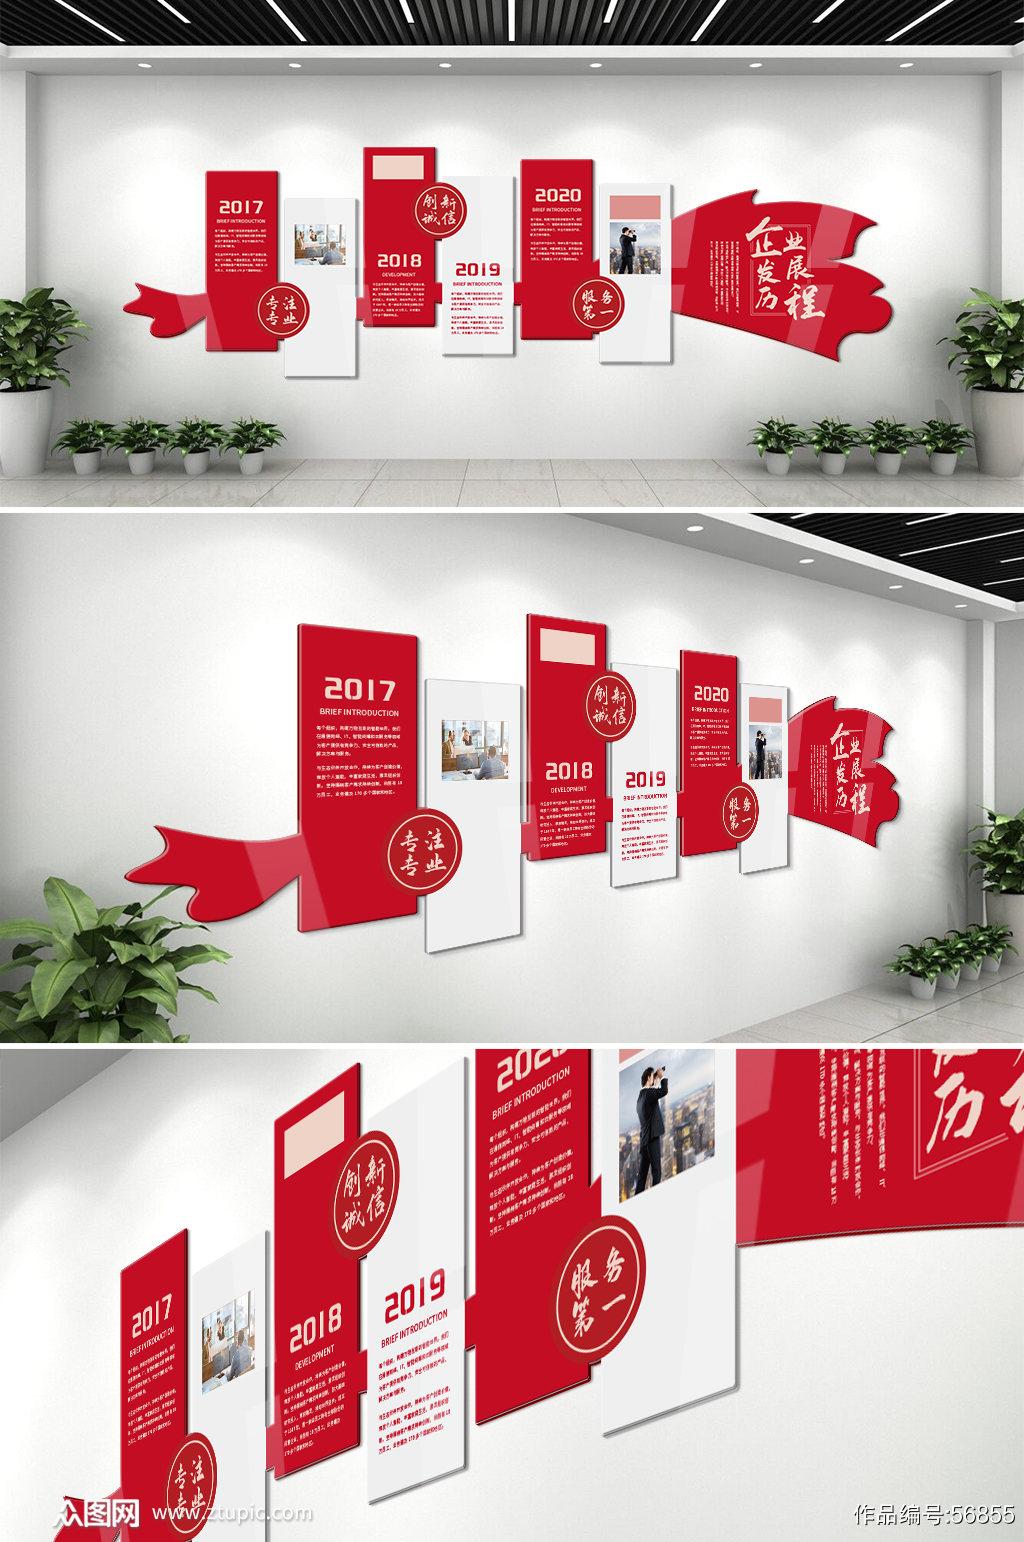 企业文化墙公司发展历程素材